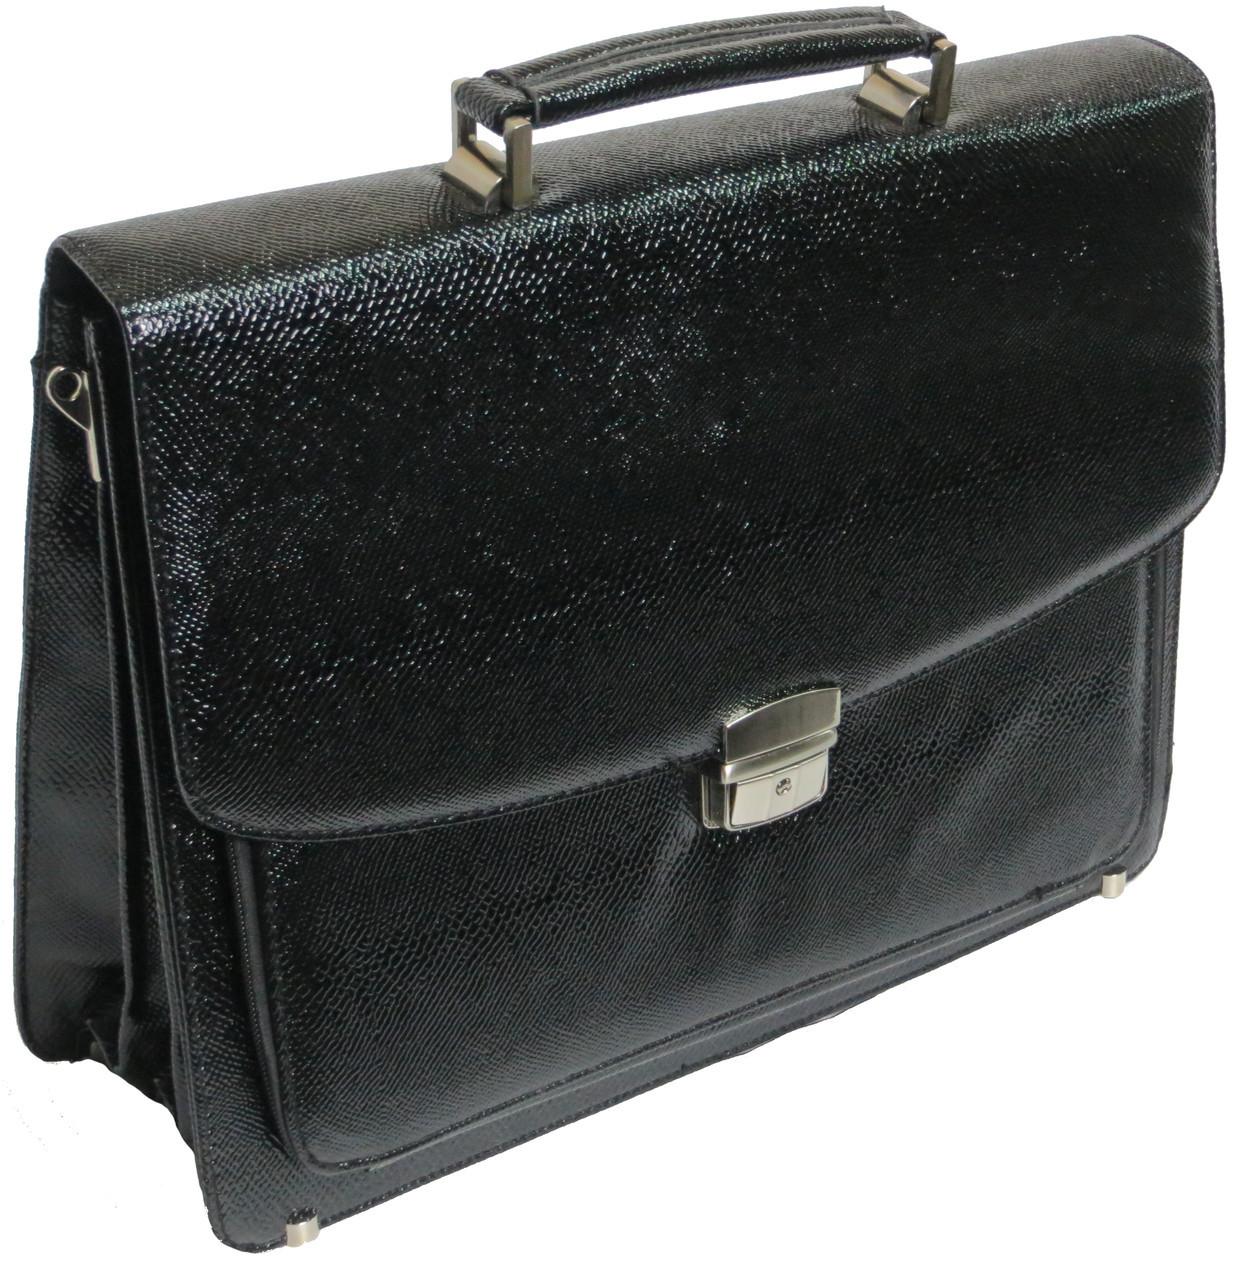 Мужской портфель из эко кожи под змею черный B7808 black